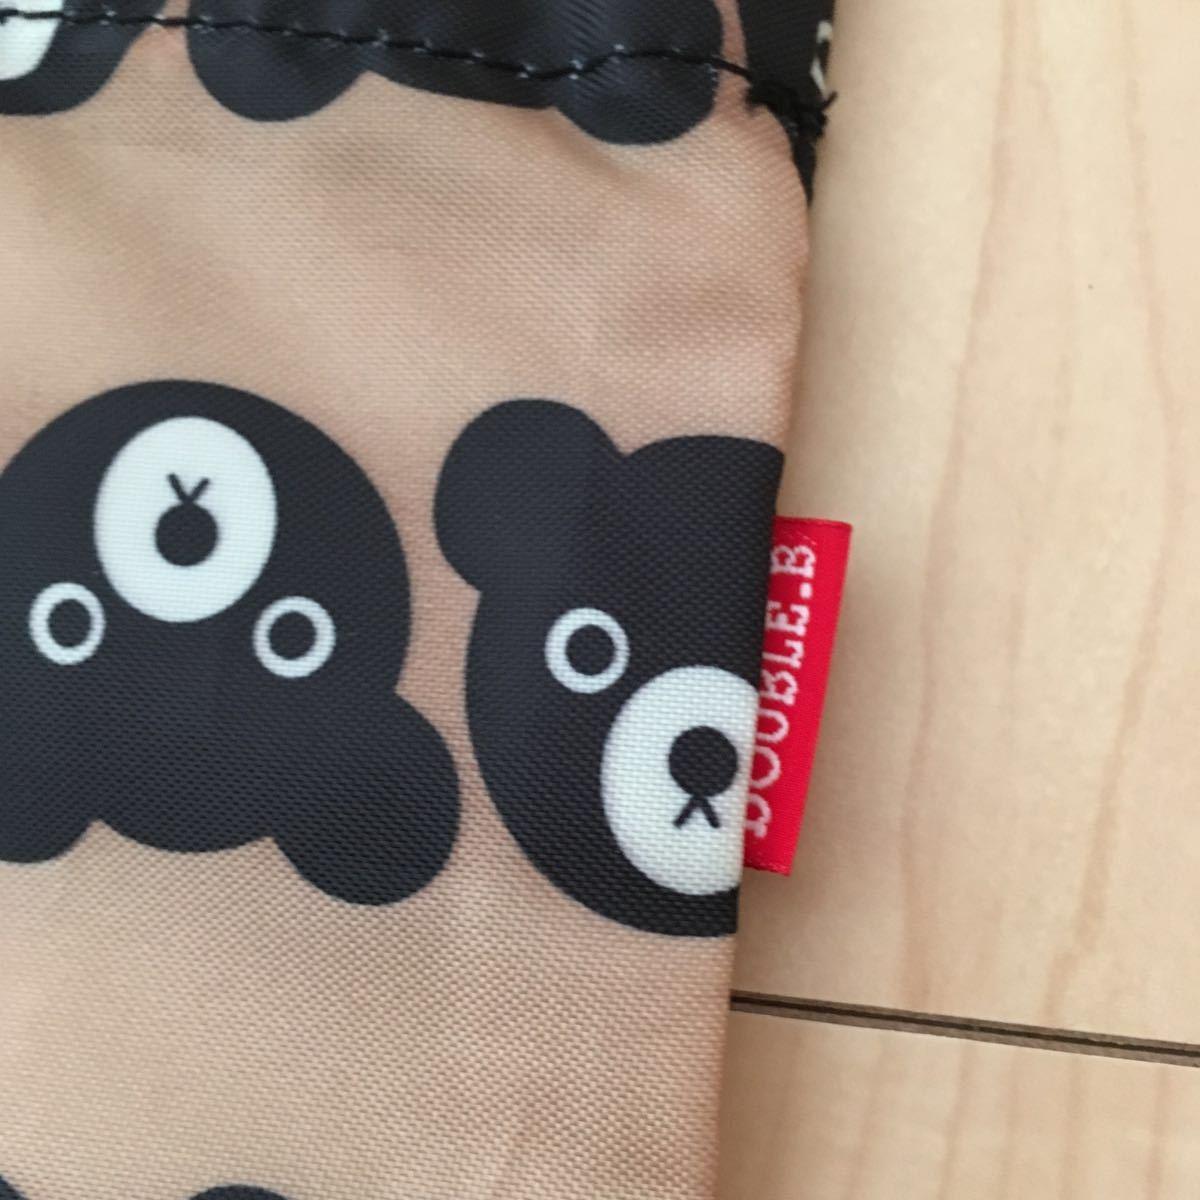 新品 ミキハウス トートバック 手提げバッグ お出かけバッグ エコバッグ 非売品 ノベルティ レッスンバッグ お買い物バッグ_画像2